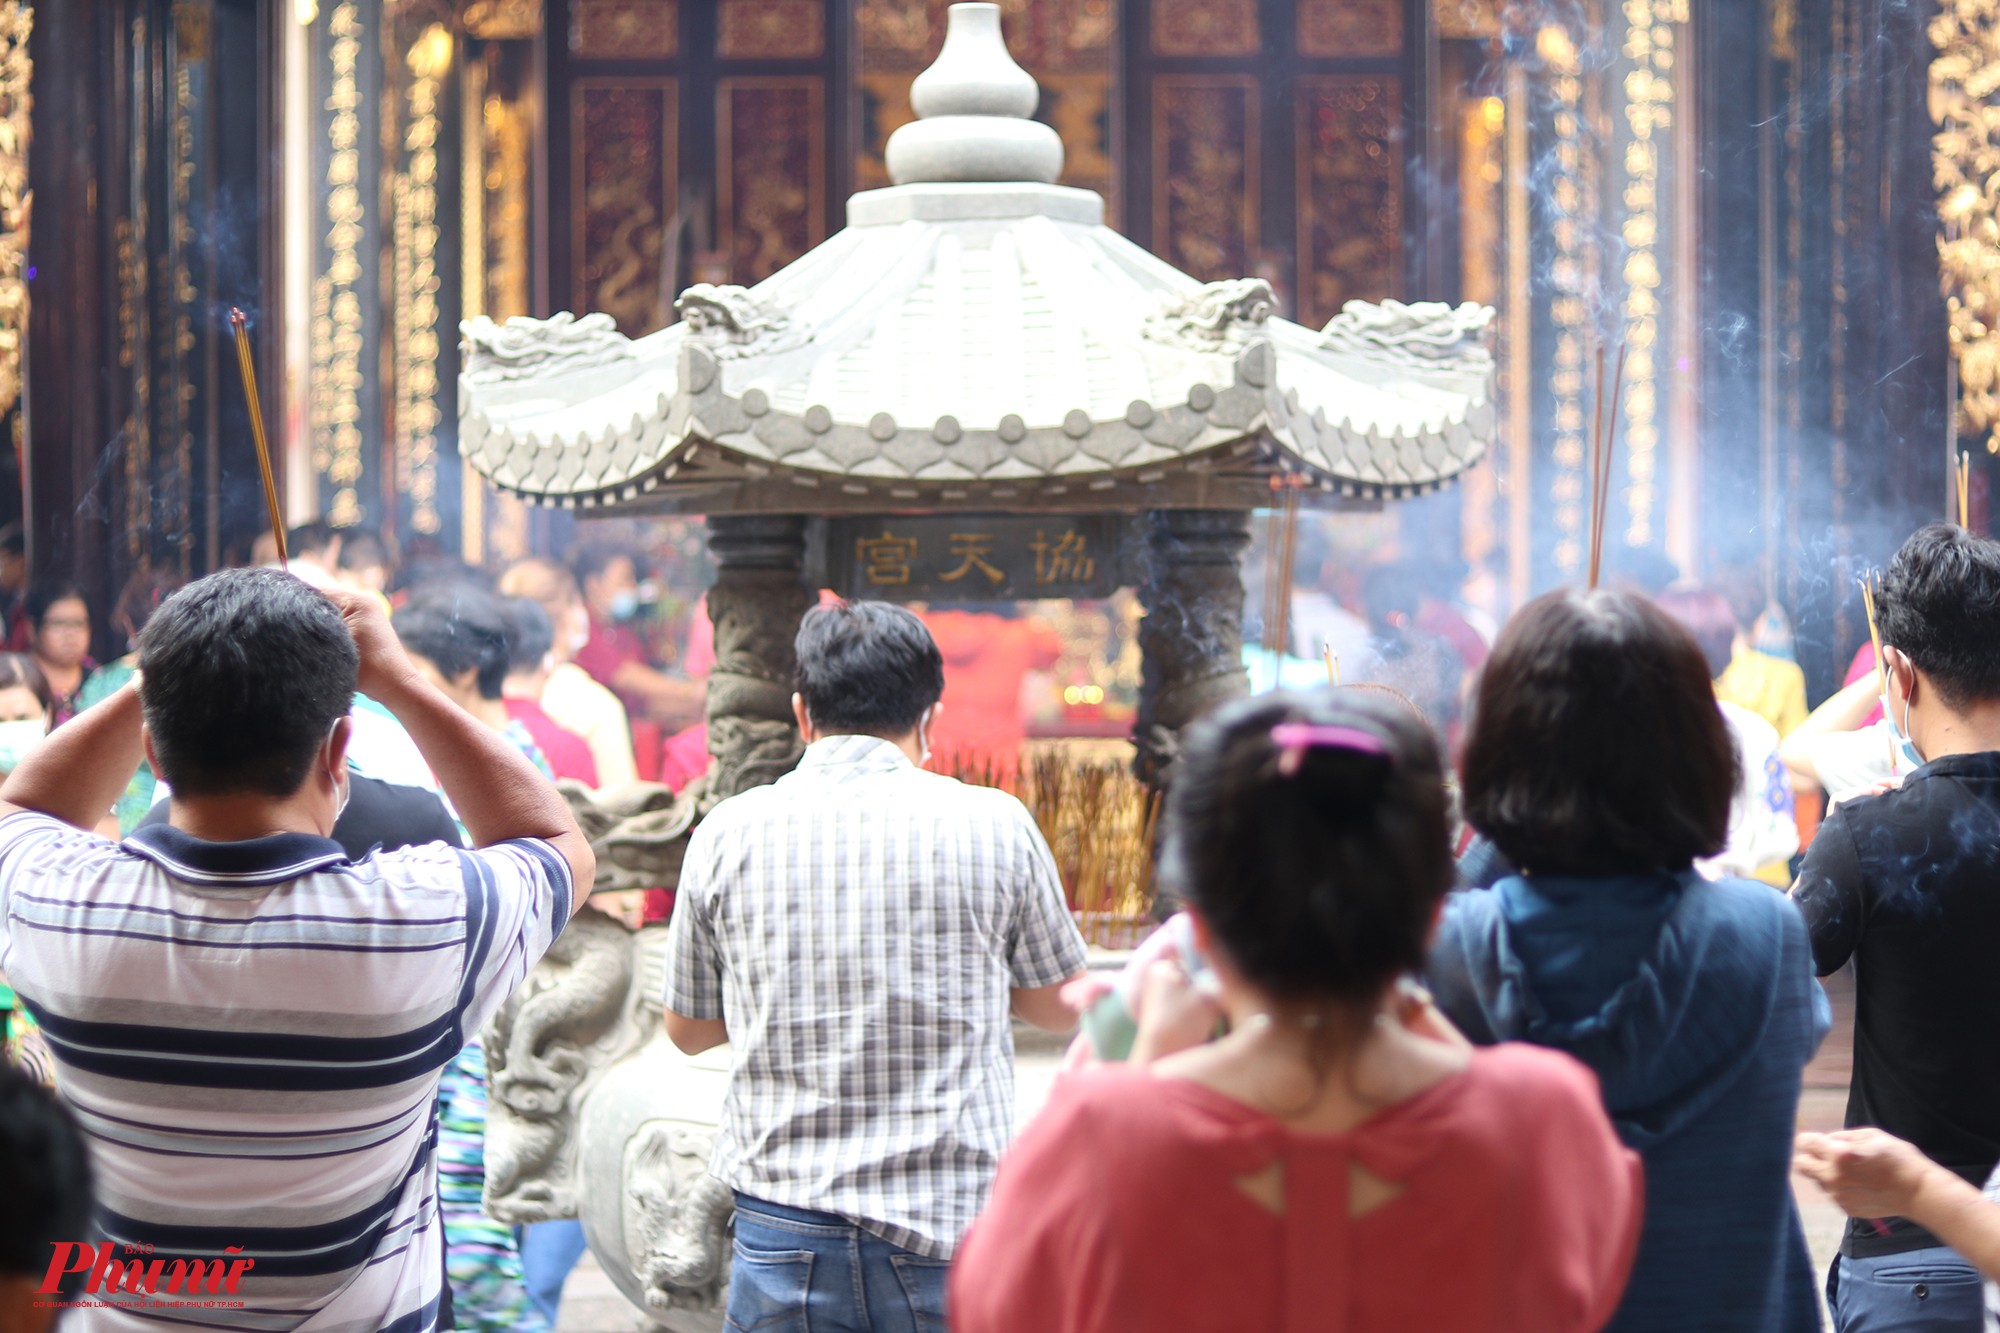 Rằm tháng Giêng cũng trùng với Tết Nguyên tiêu của người Hoa. Vì thế, các hội quán luôn nhộn nhịp vào dịp này. Nhưng năm nay, sự nhộn nhịp đó đã vơi giảm đi nhiều trước dịch bệnh khiến nhiều người ngại đi đến nơi đông người.